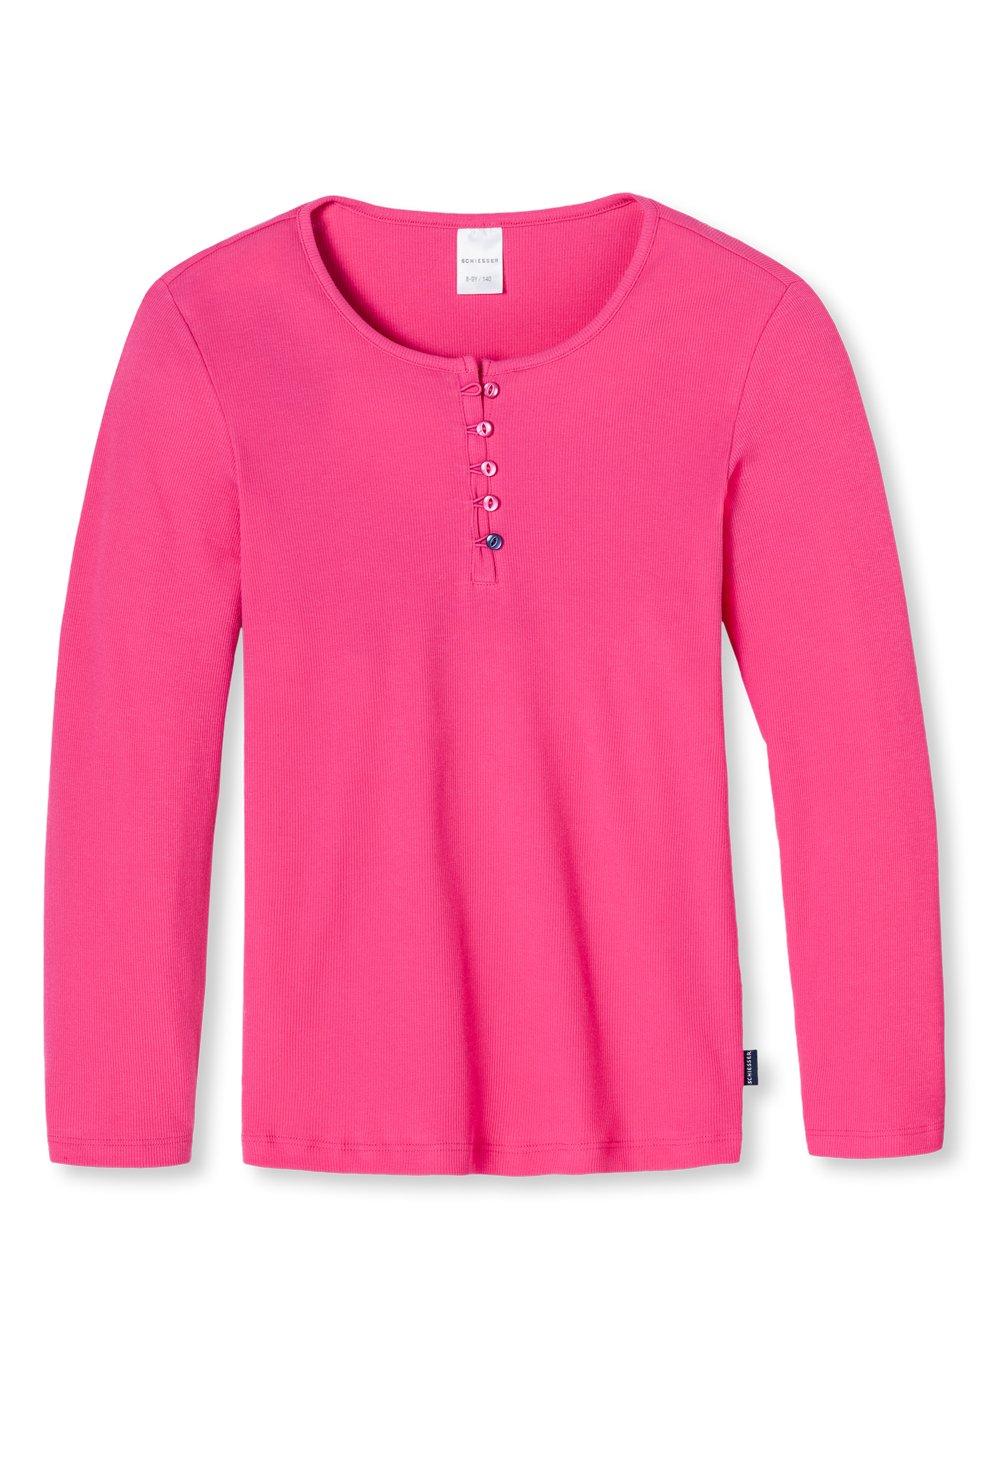 Schiesser Mädchen Schlafanzugoberteil Shirt 1/1 Mix & Relax Schiesser AG 146019